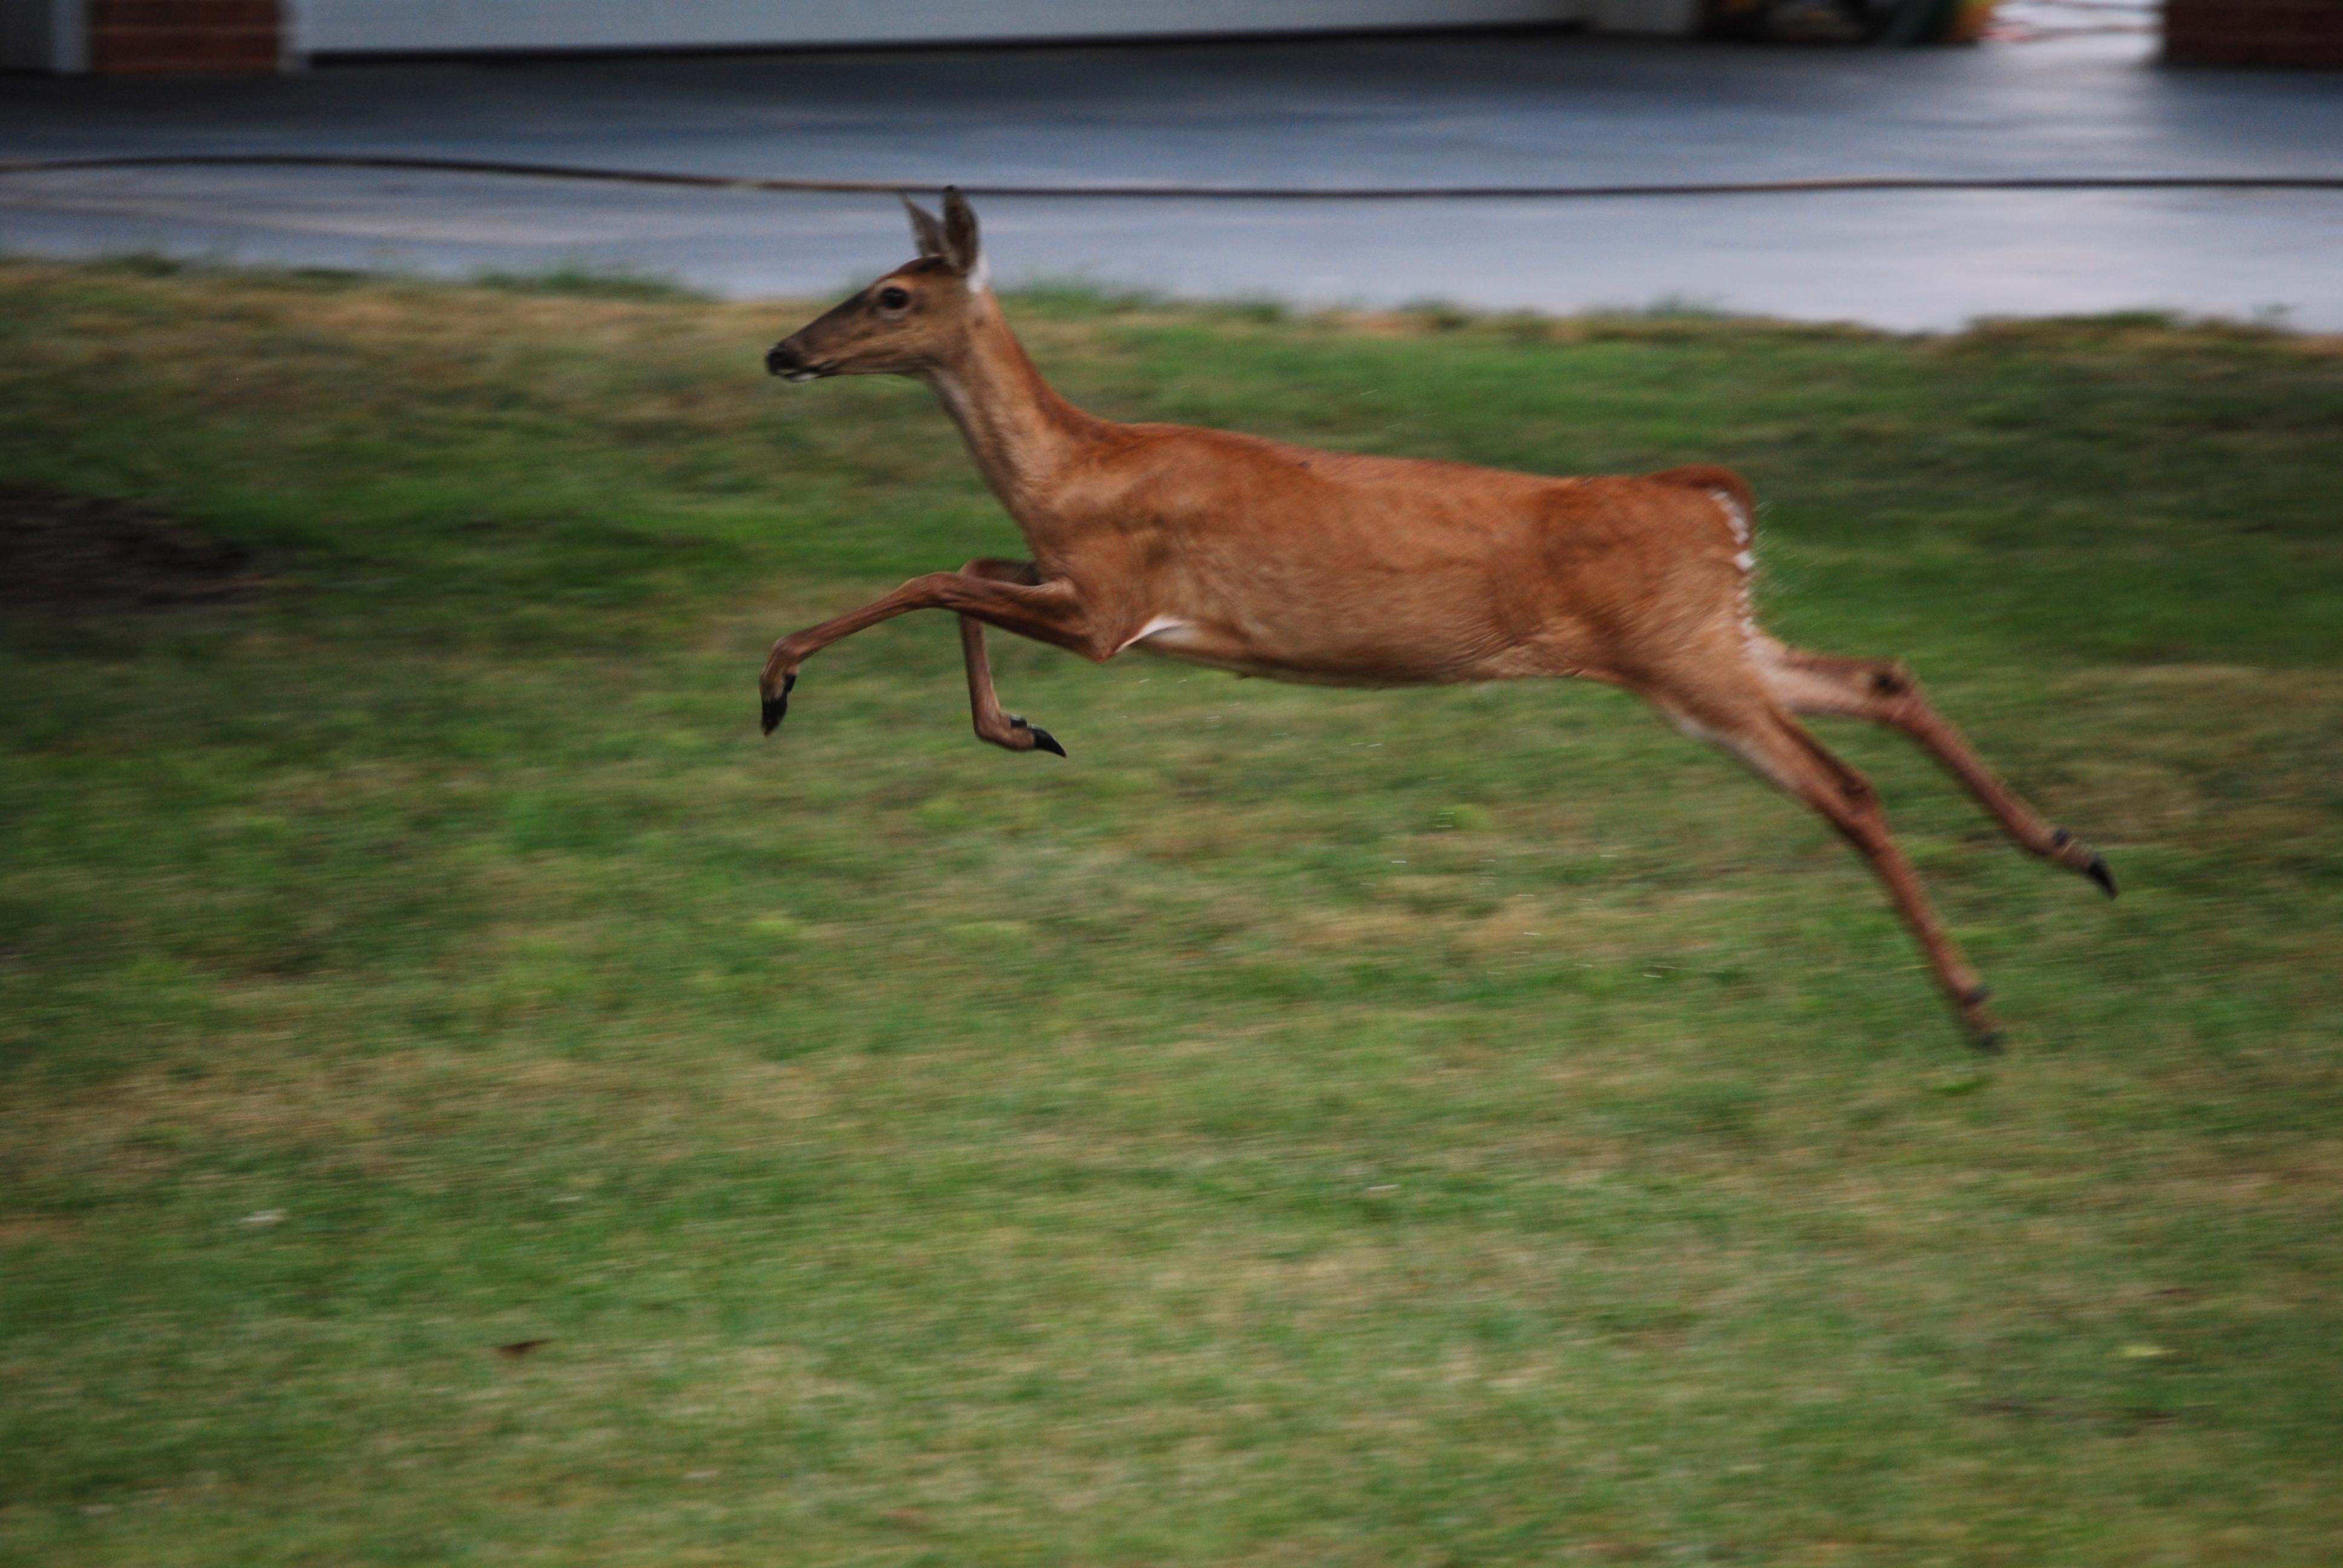 10 deer run